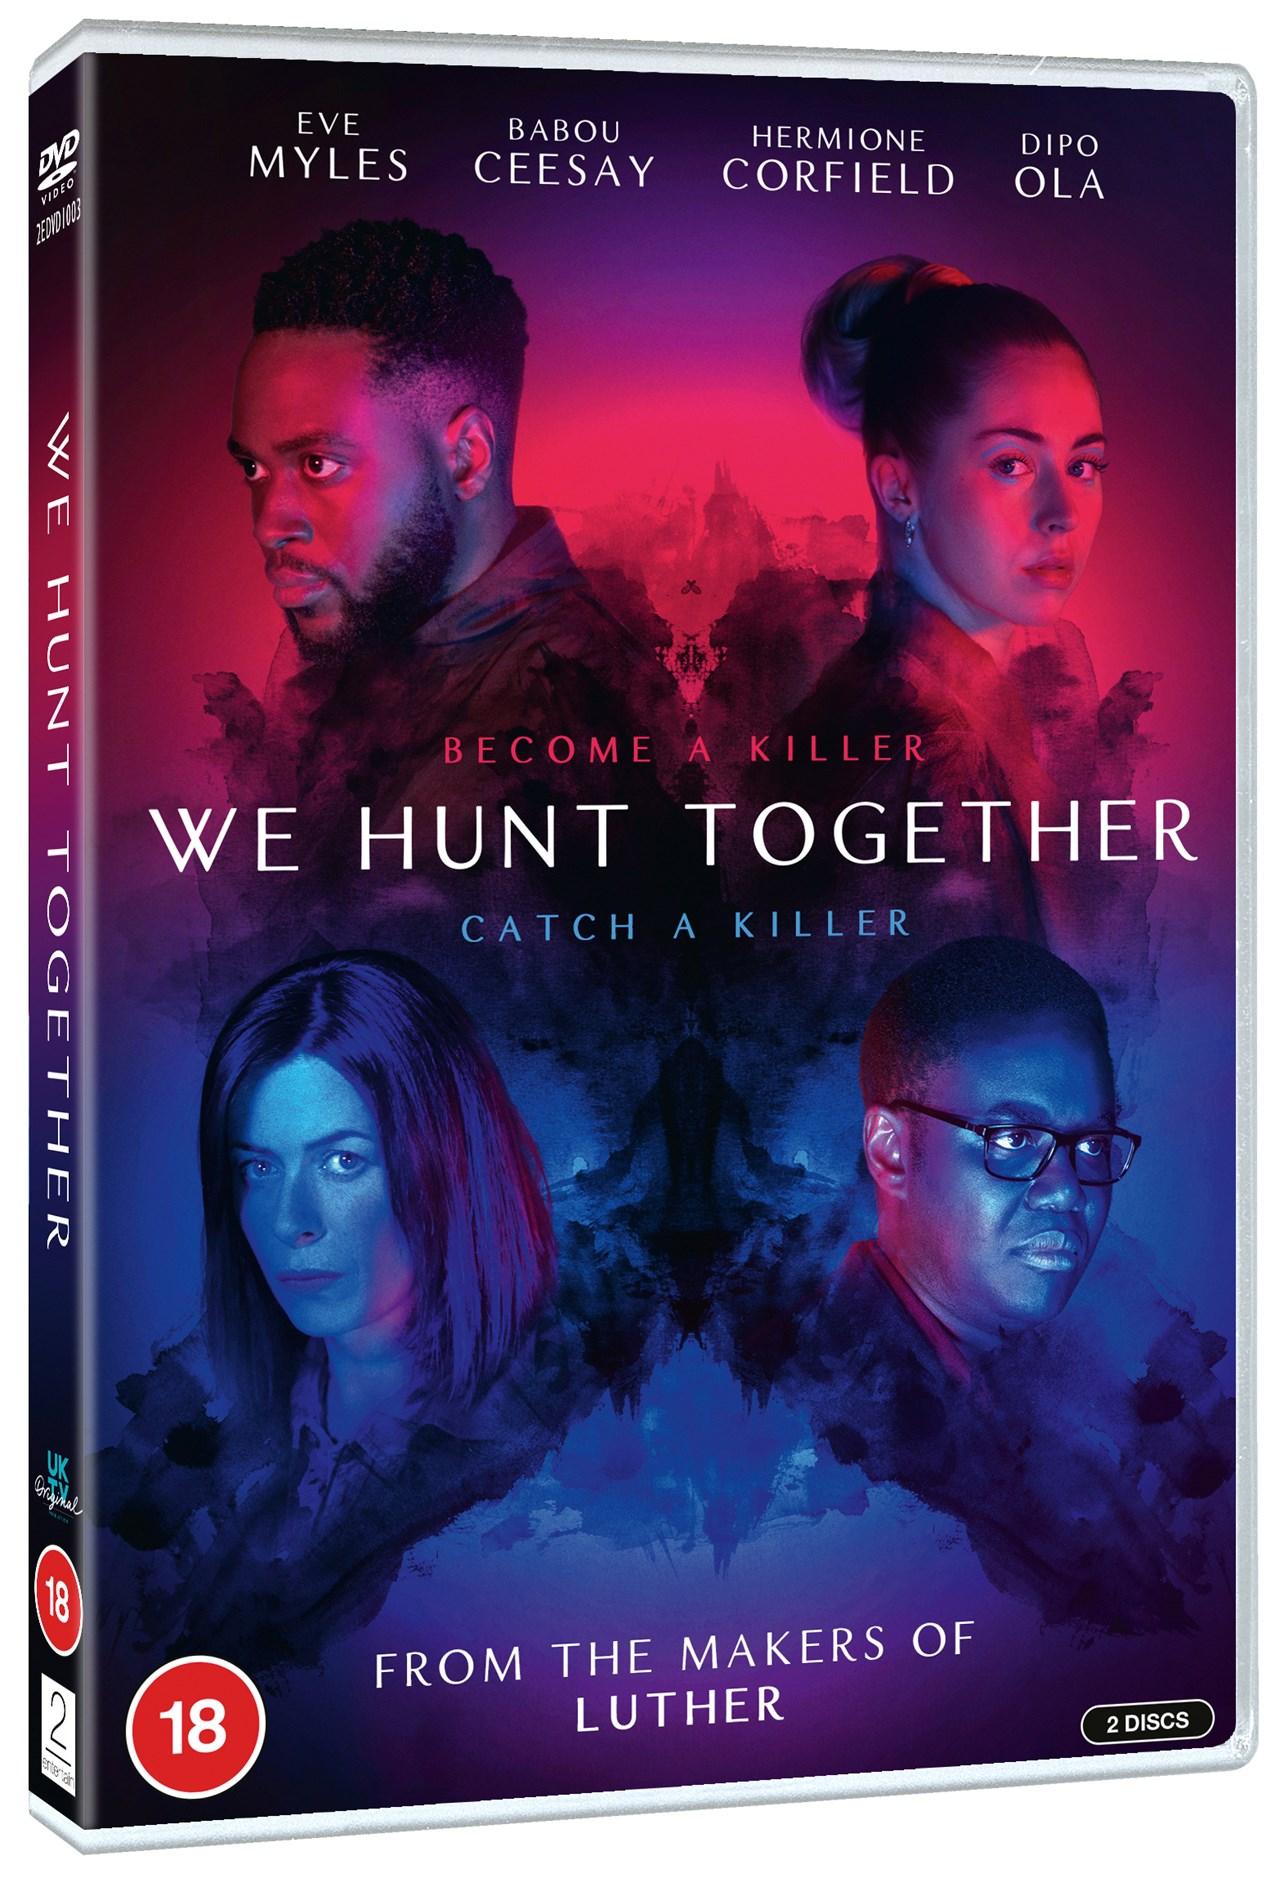 We Hunt Together - 2